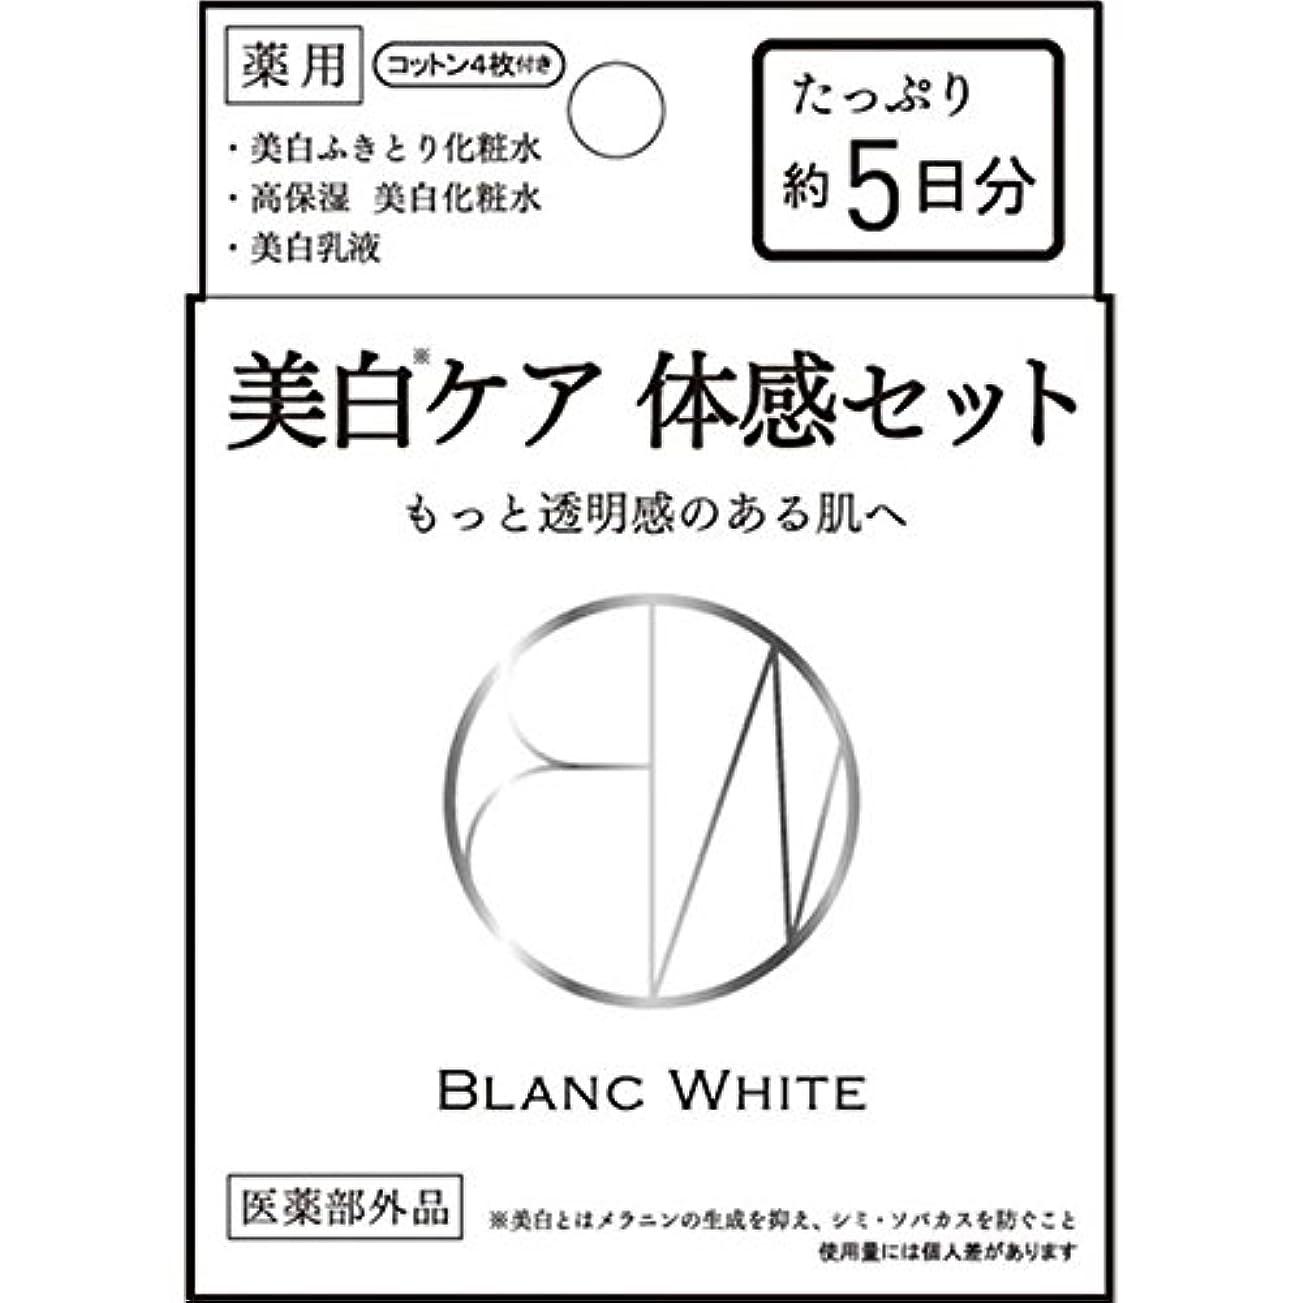 中庭扇動話ブランホワイト トライアルセット 3種混合セット (医薬部外品)